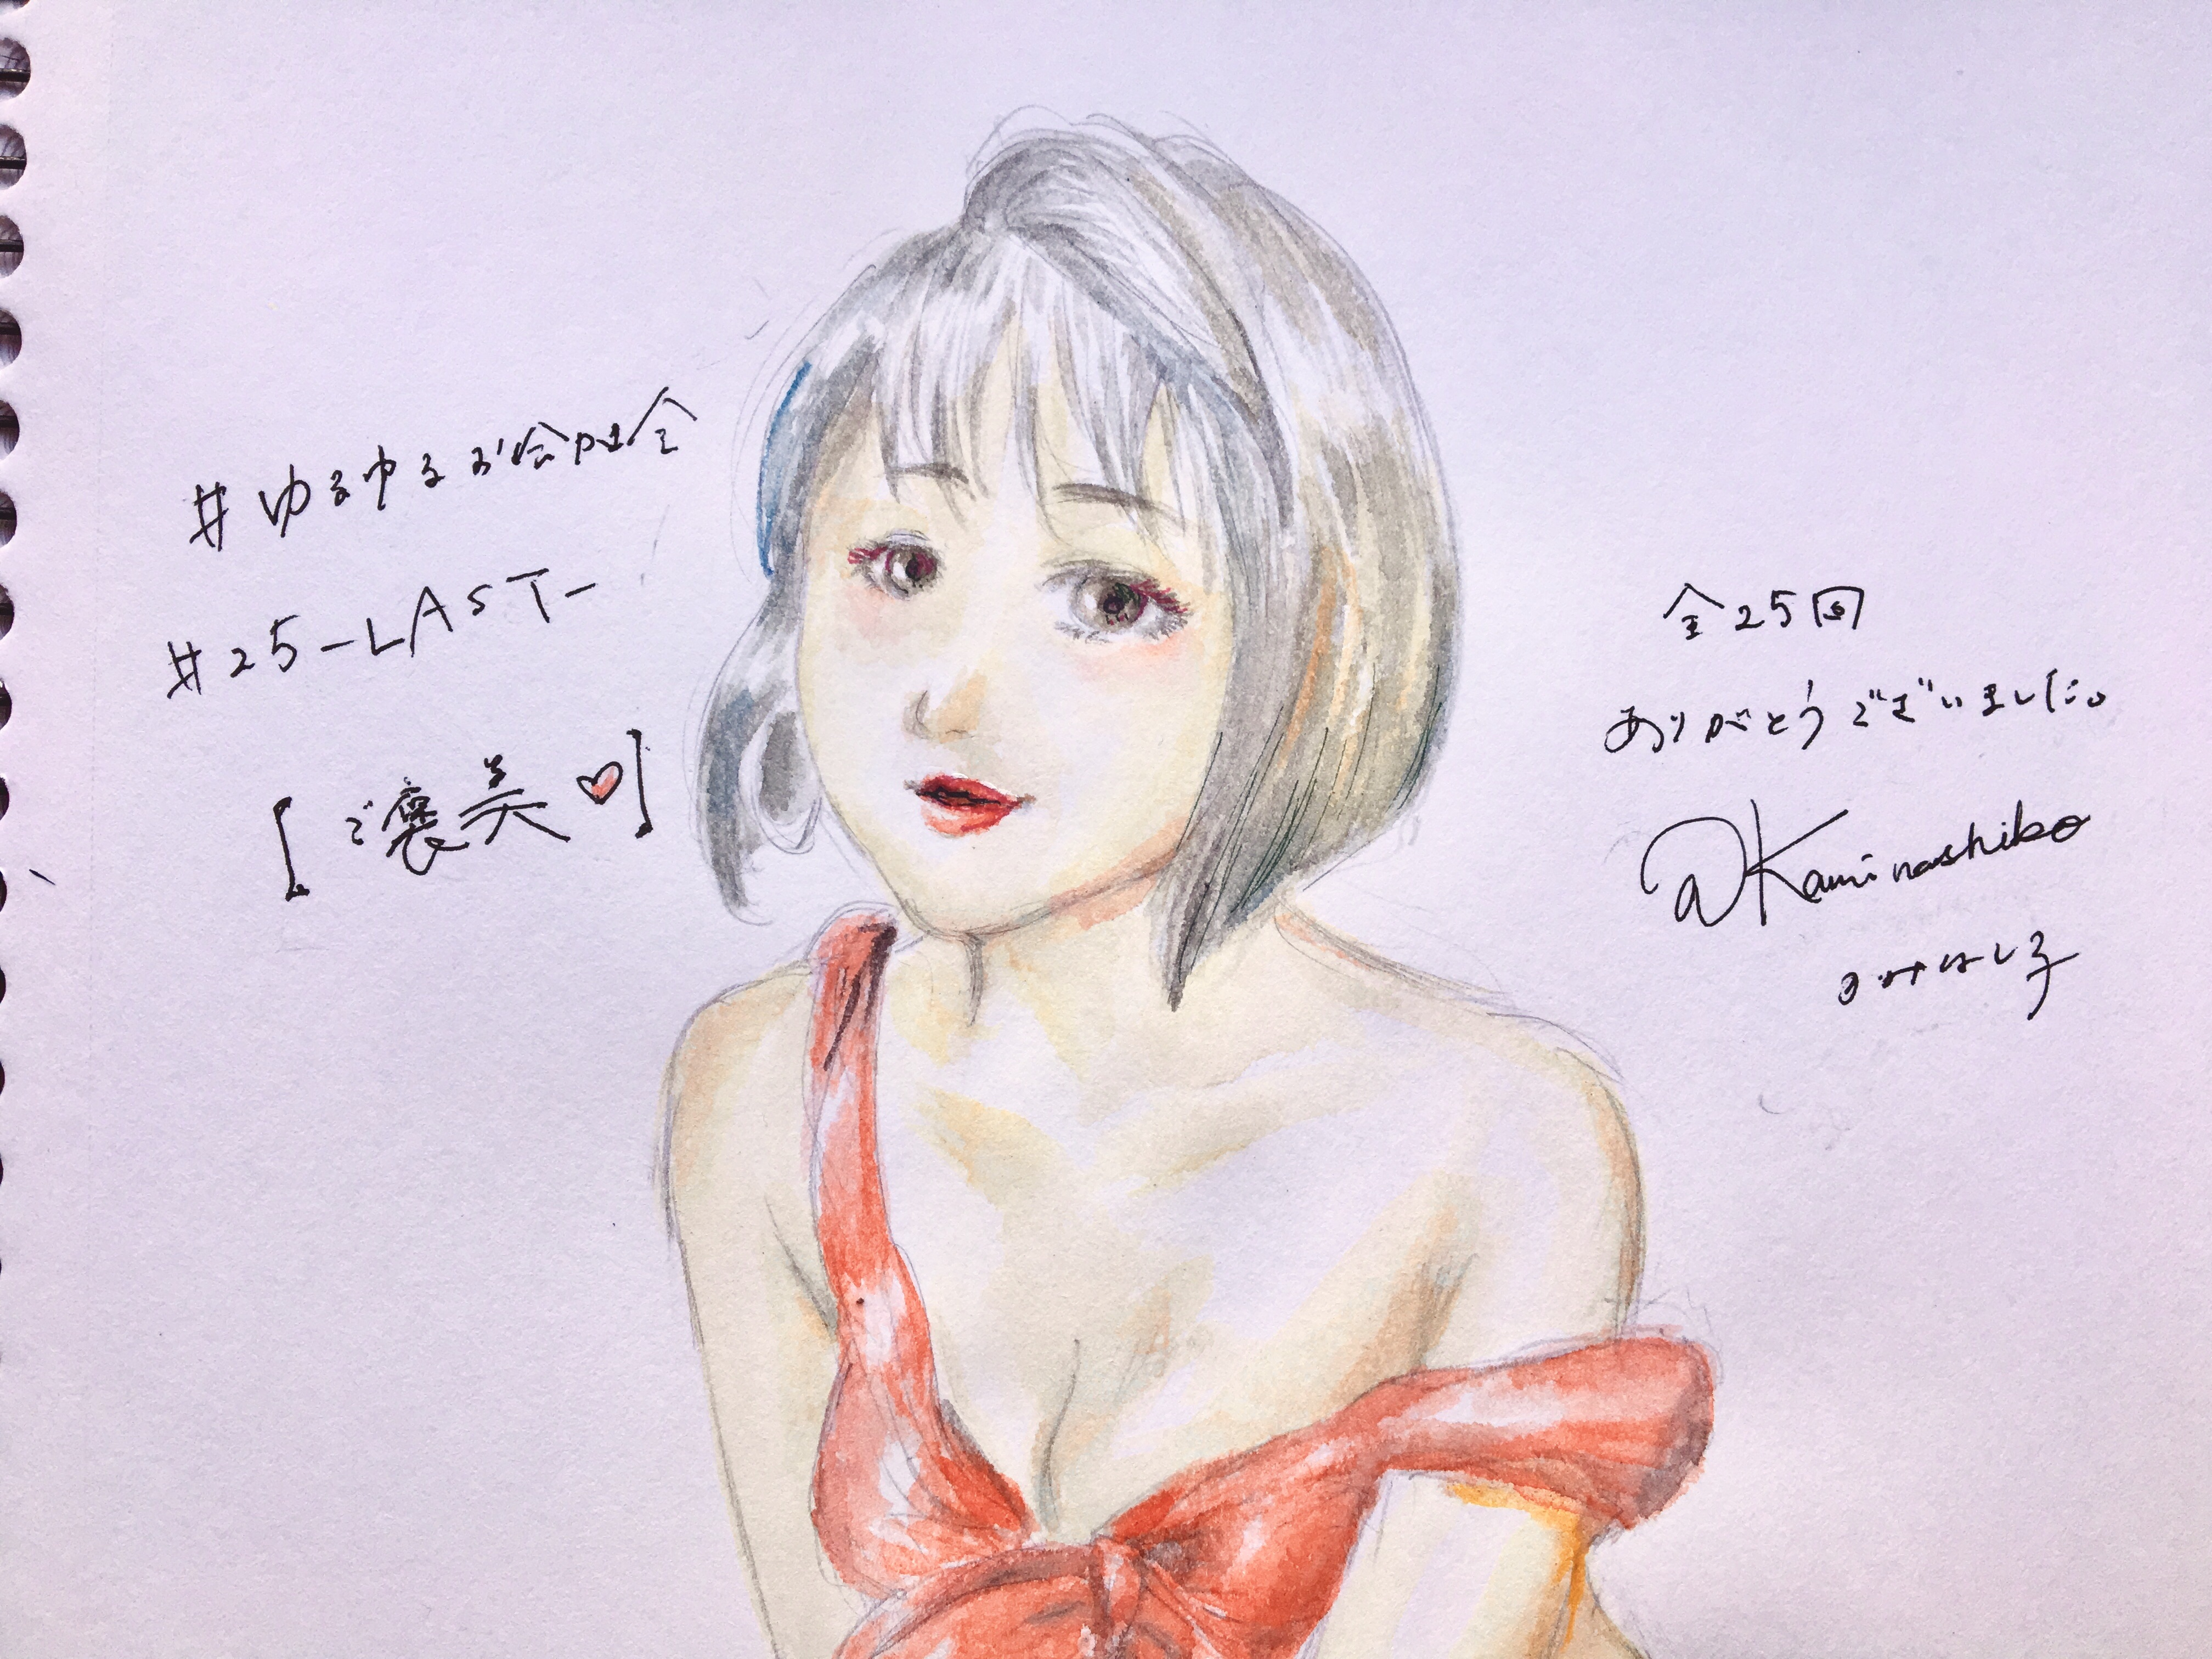 f:id:kaminashiko:20180713052340j:plain